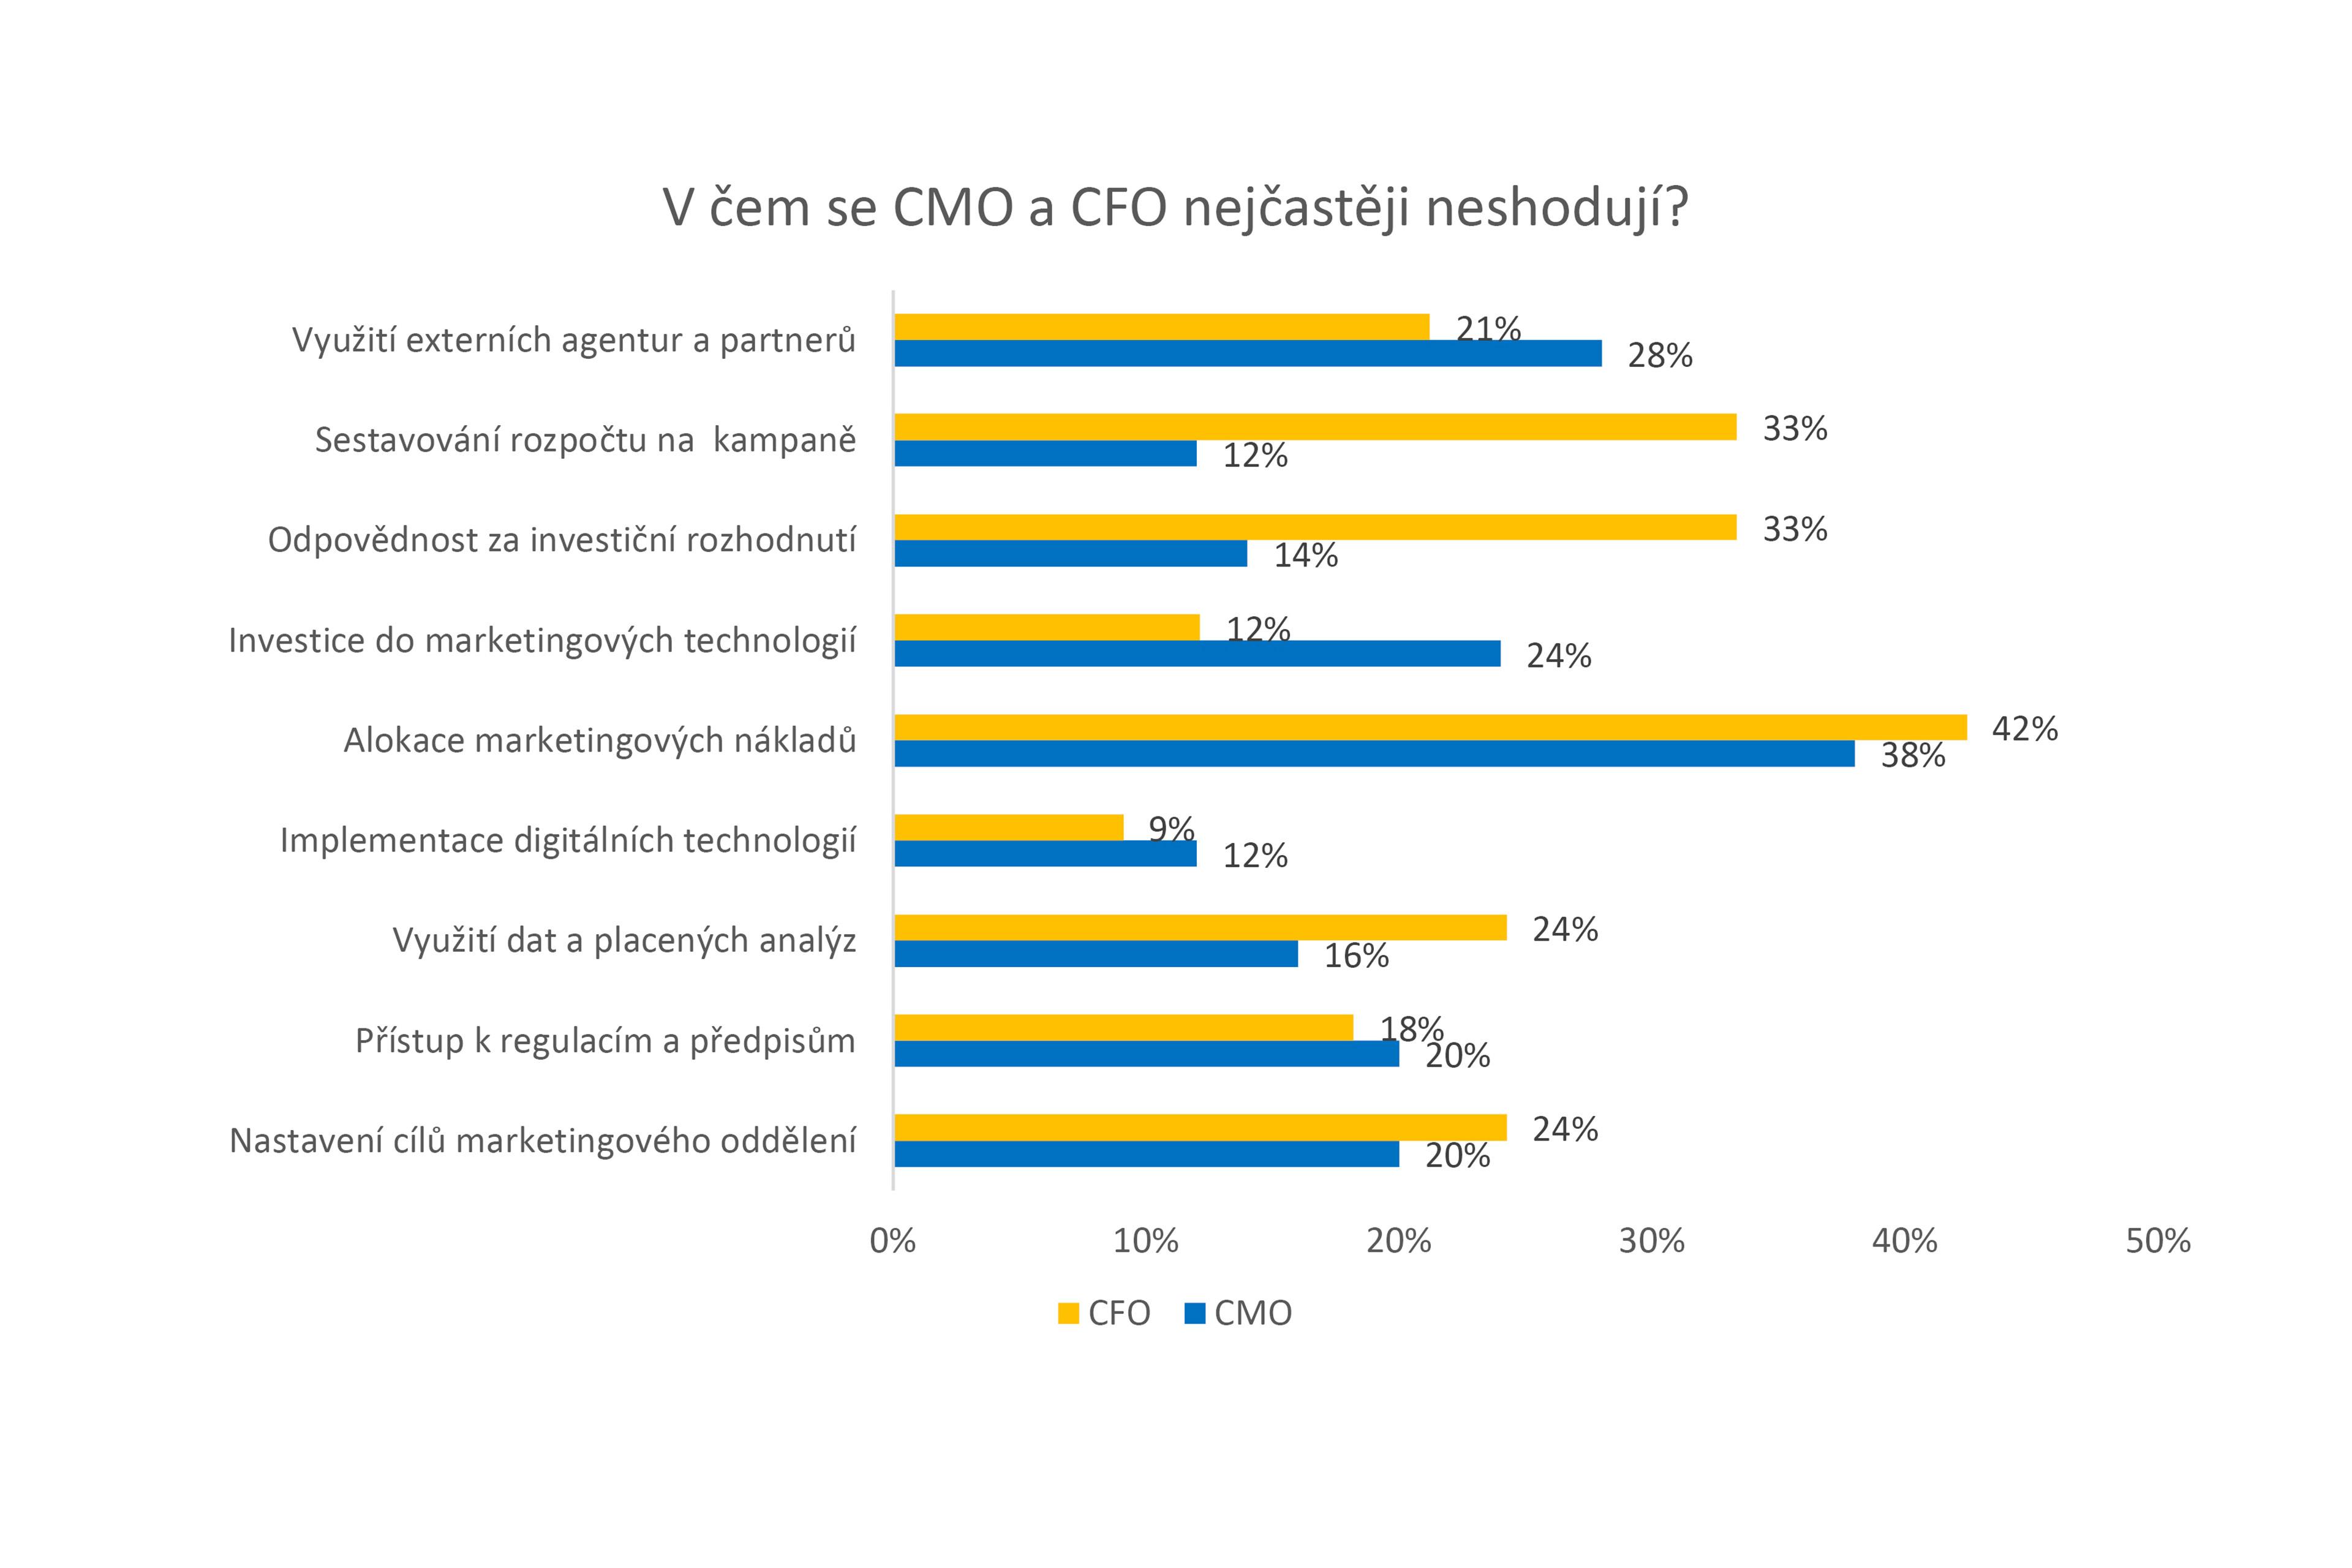 studie-ey-klic-ke-spravnemu-fungovani-firmy-tkvi-v-posileni-vztahu-mezi-financnim-a-marketing-graf-2